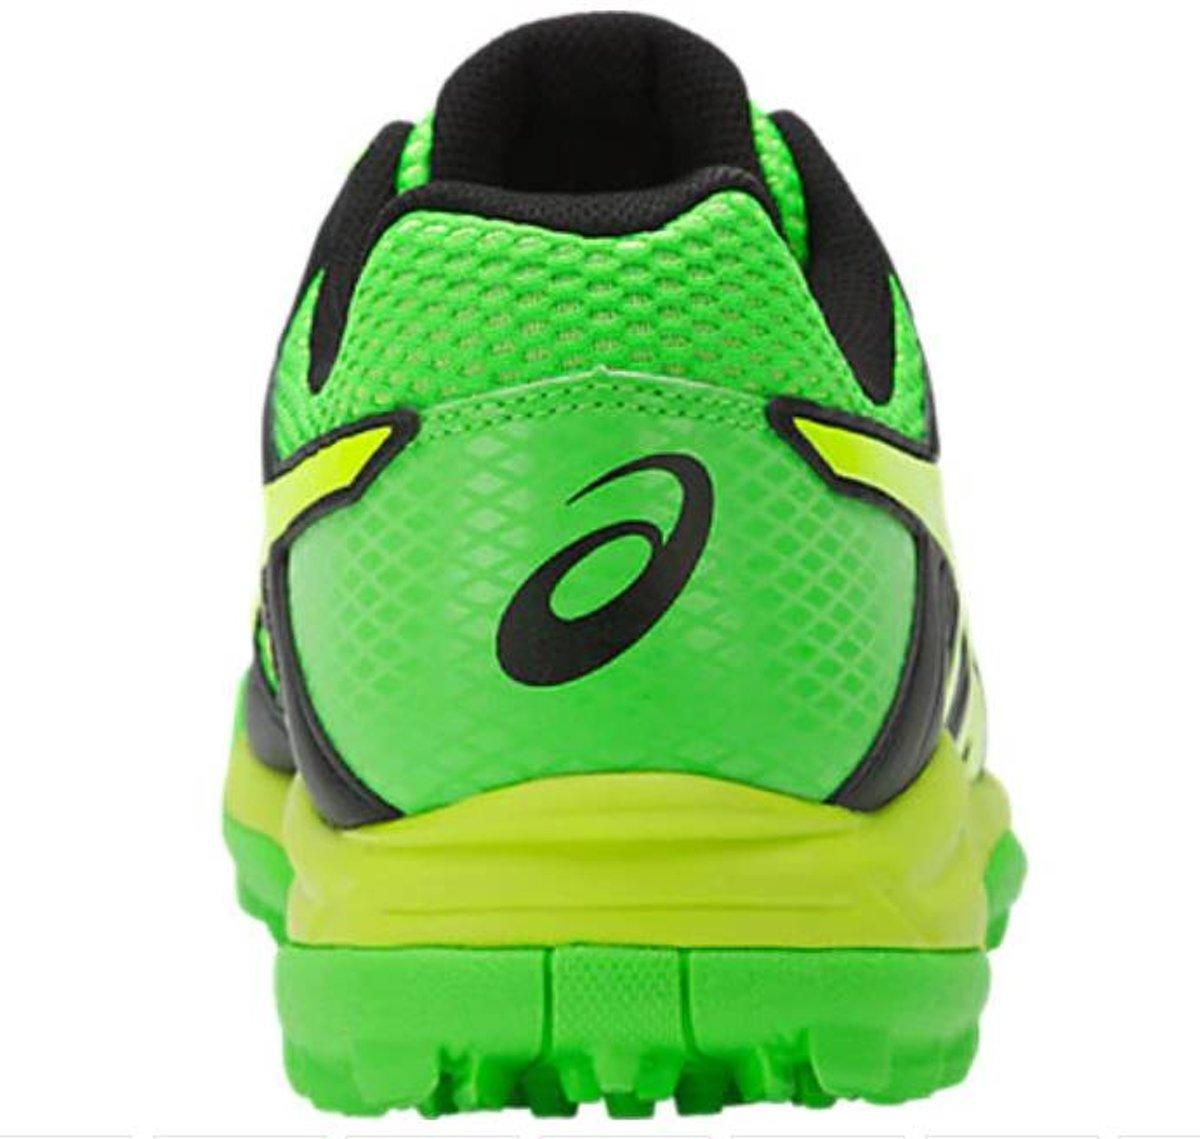 Gel Asics Létales Mp 7 Chaussures De Hockey - Taille 43,5 - Hommes - Noir / Vert / Jaune